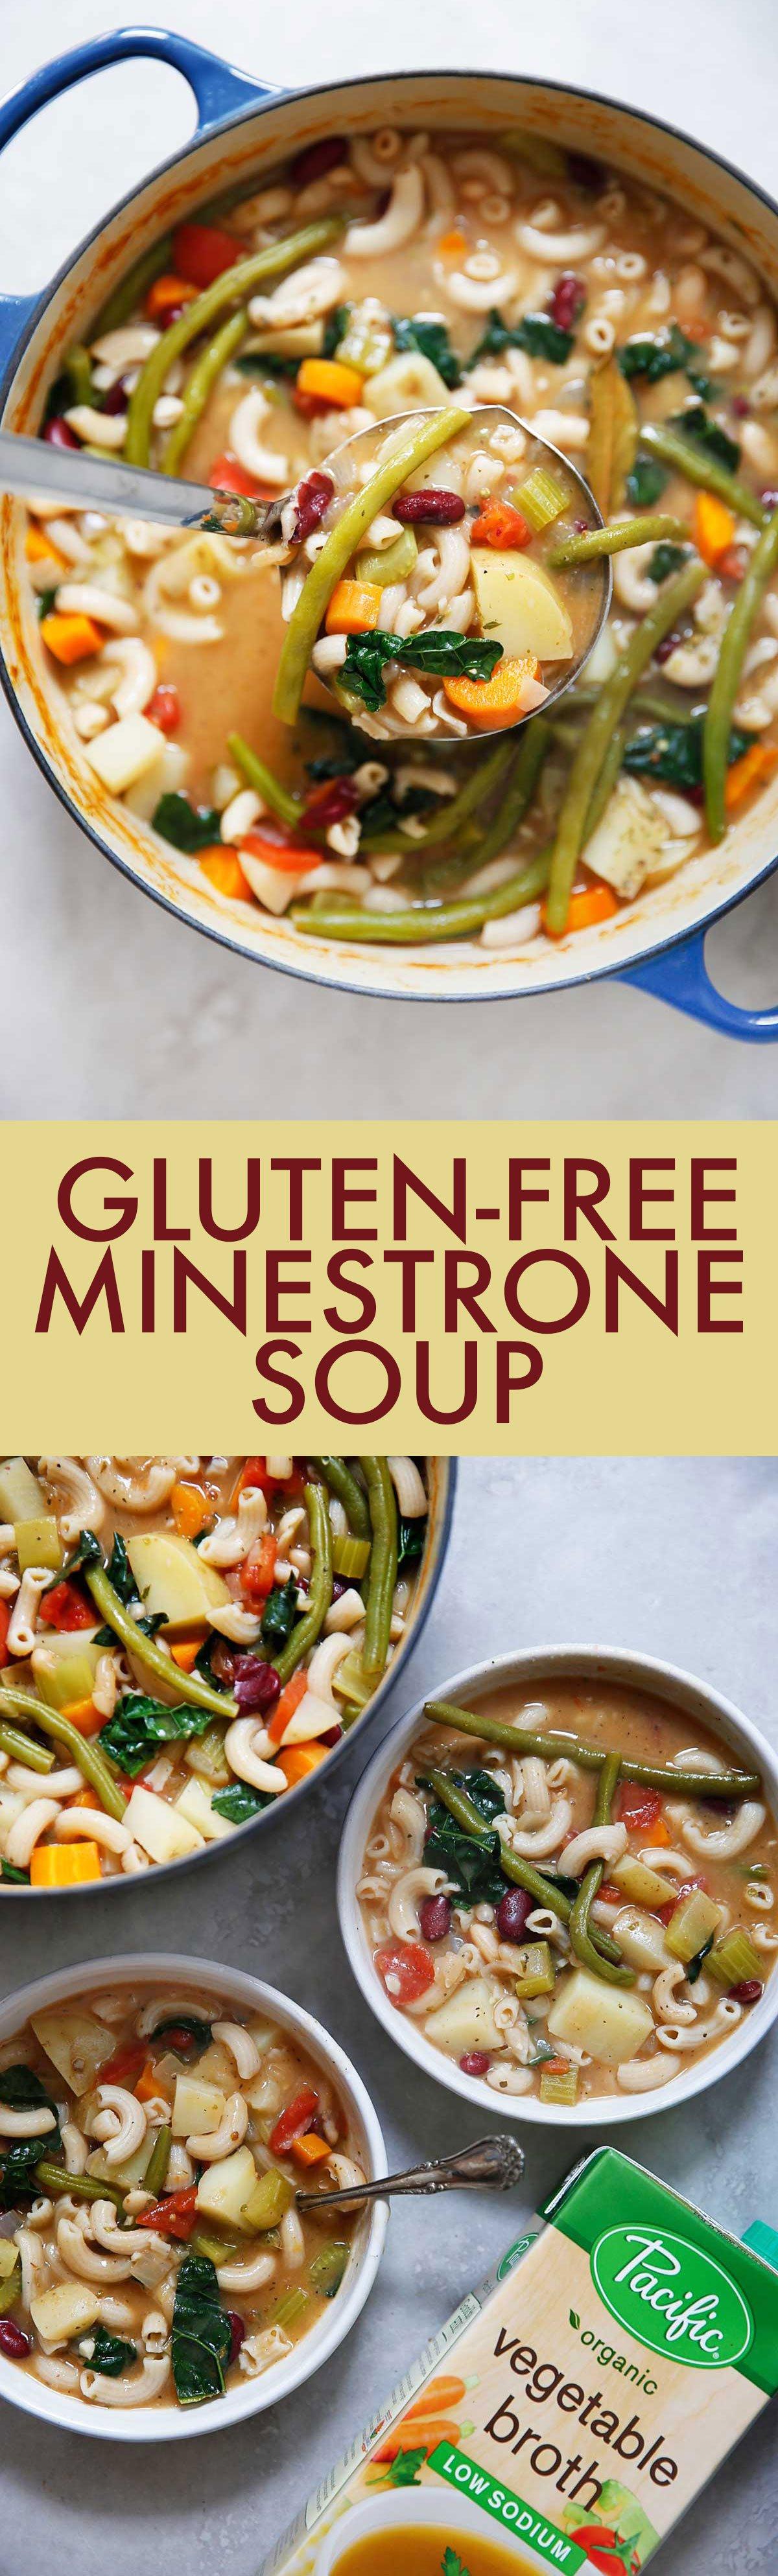 Gluten-Free Minestrone Soup - Lexi's Clean Kitchen